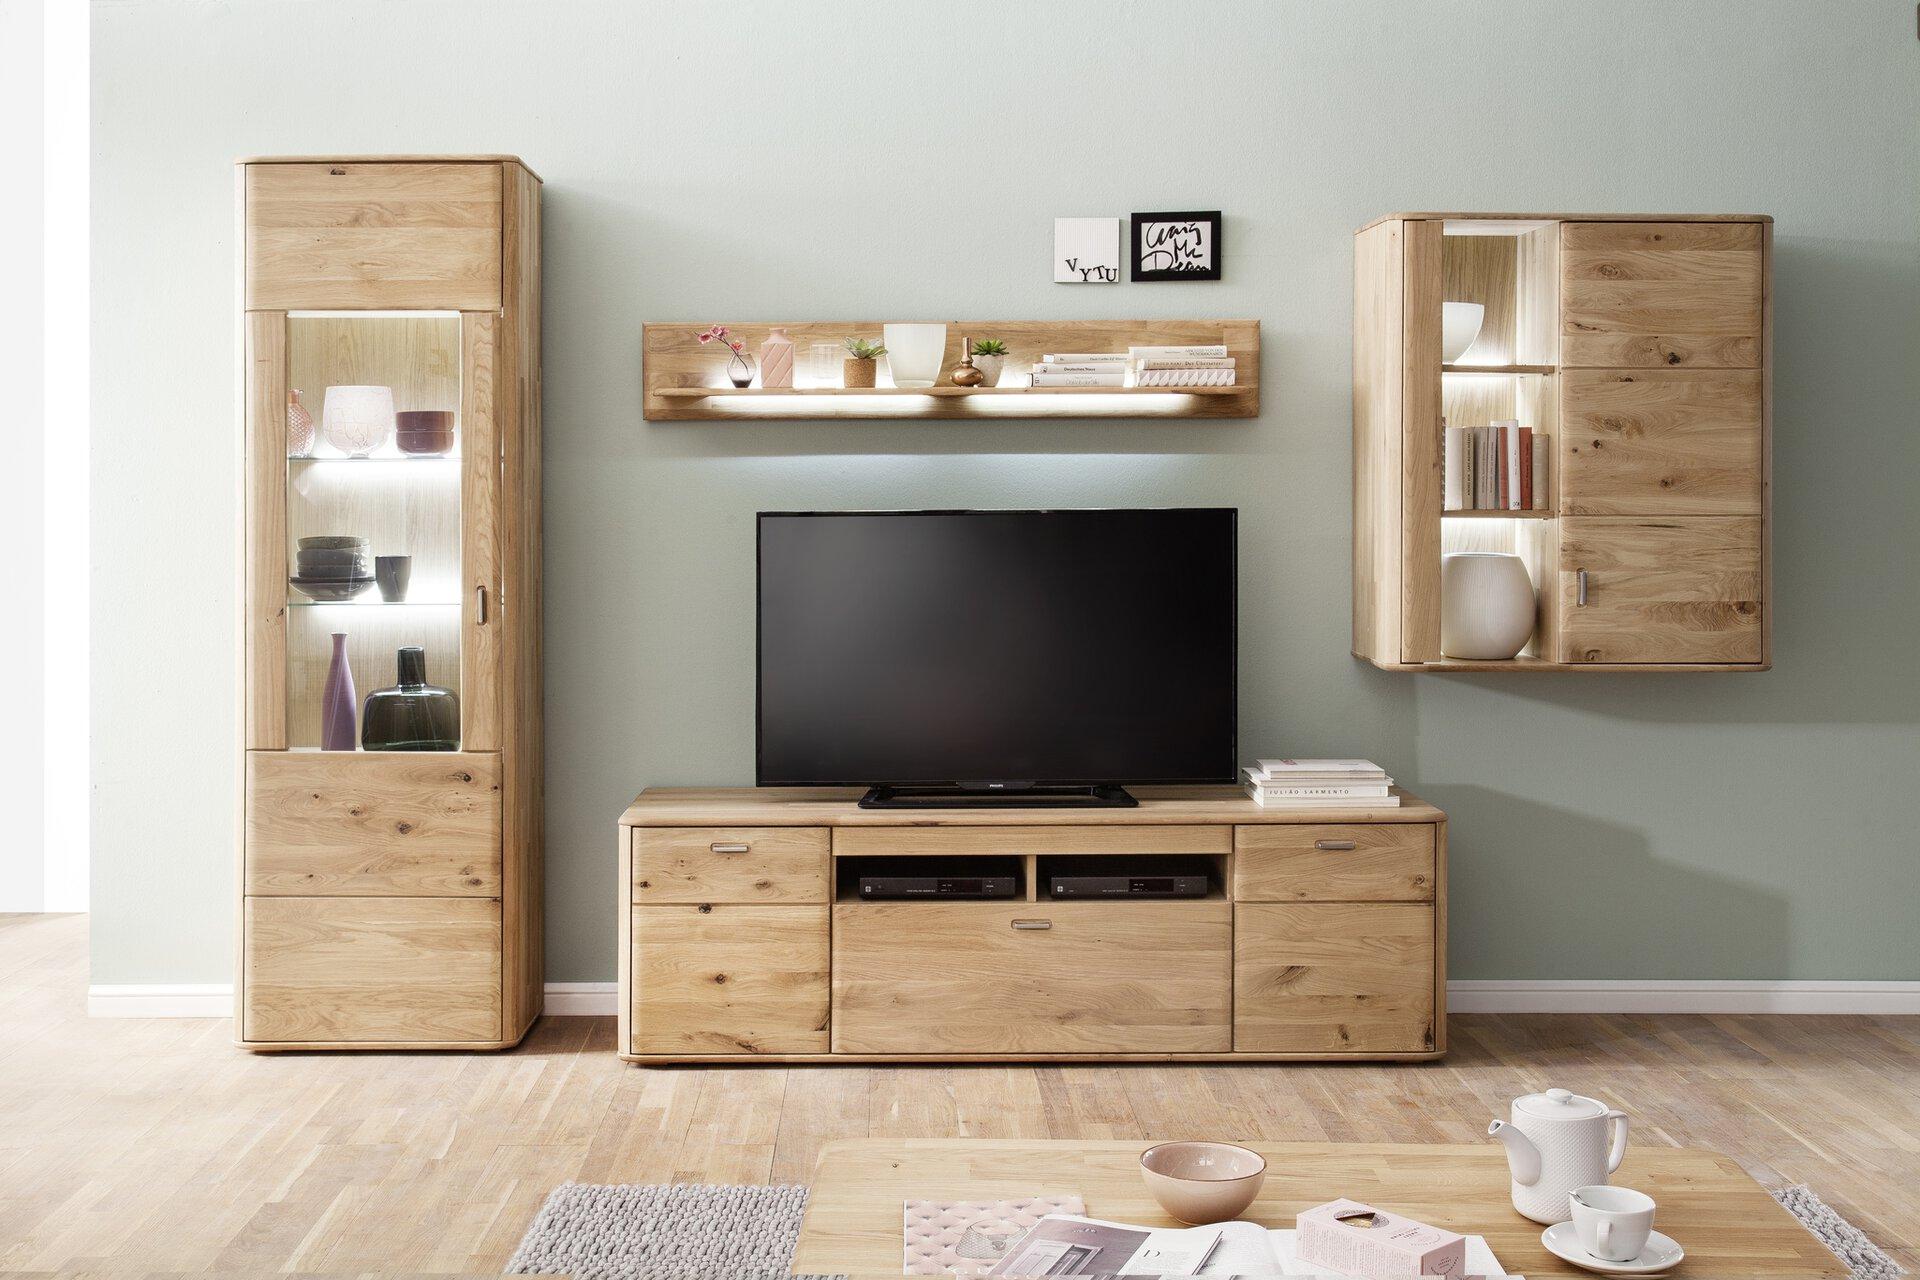 Wohnwand TENTRA VALMONDO VALMONDO Holz braun 50 x 208 x 323 cm